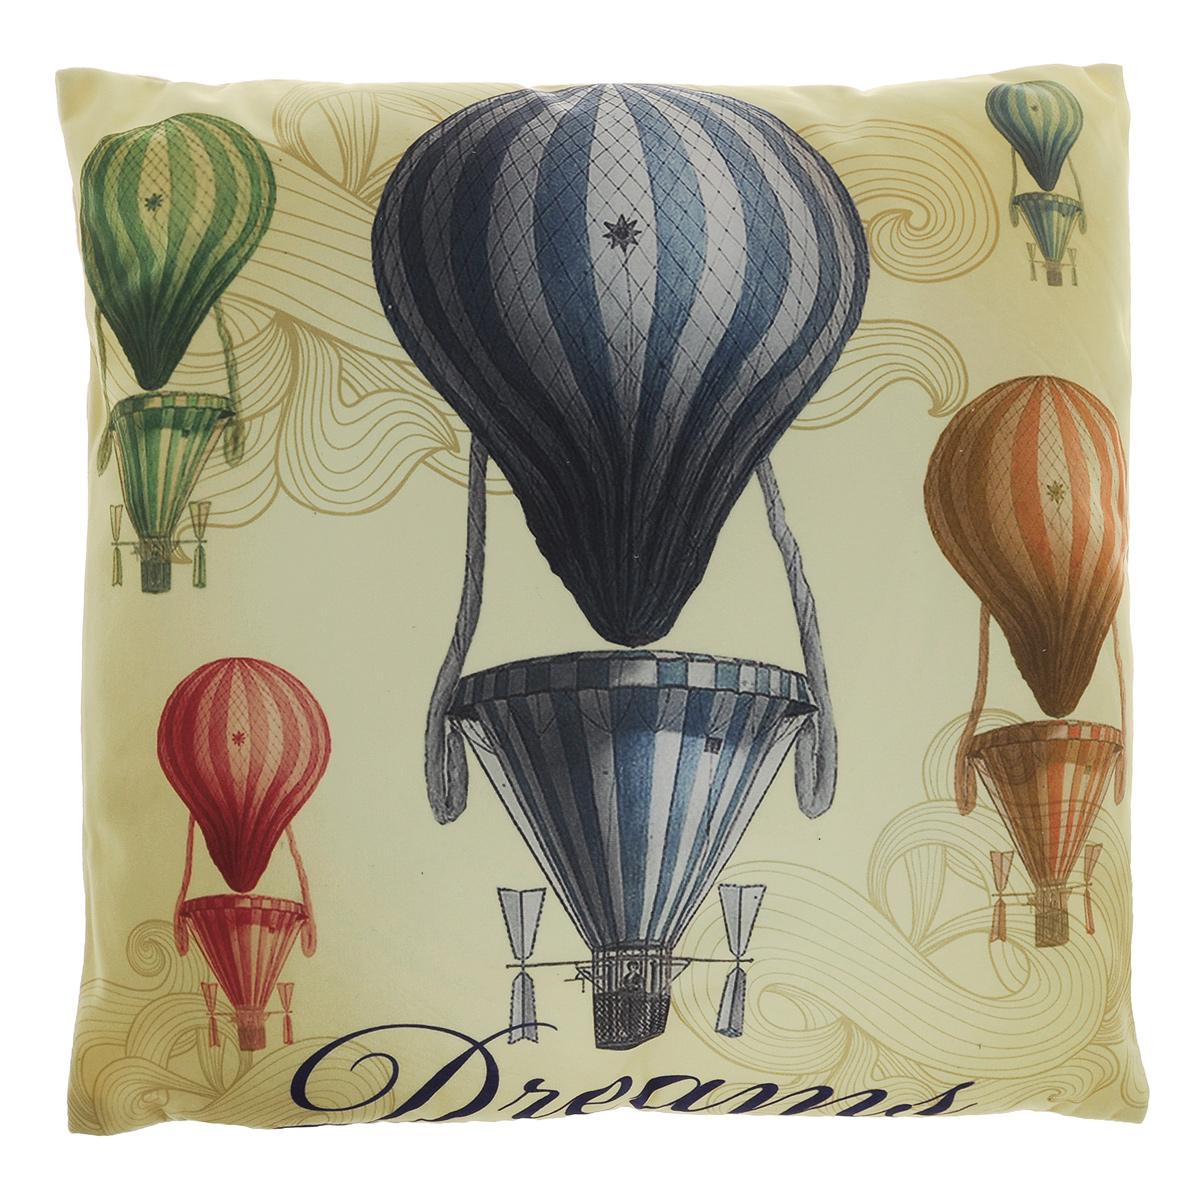 Подушка декоративная Феникс-презент Воздушные шары, 45 х 45 см подушка декоративная феникс презент чеширский кот 45 см х 45 см